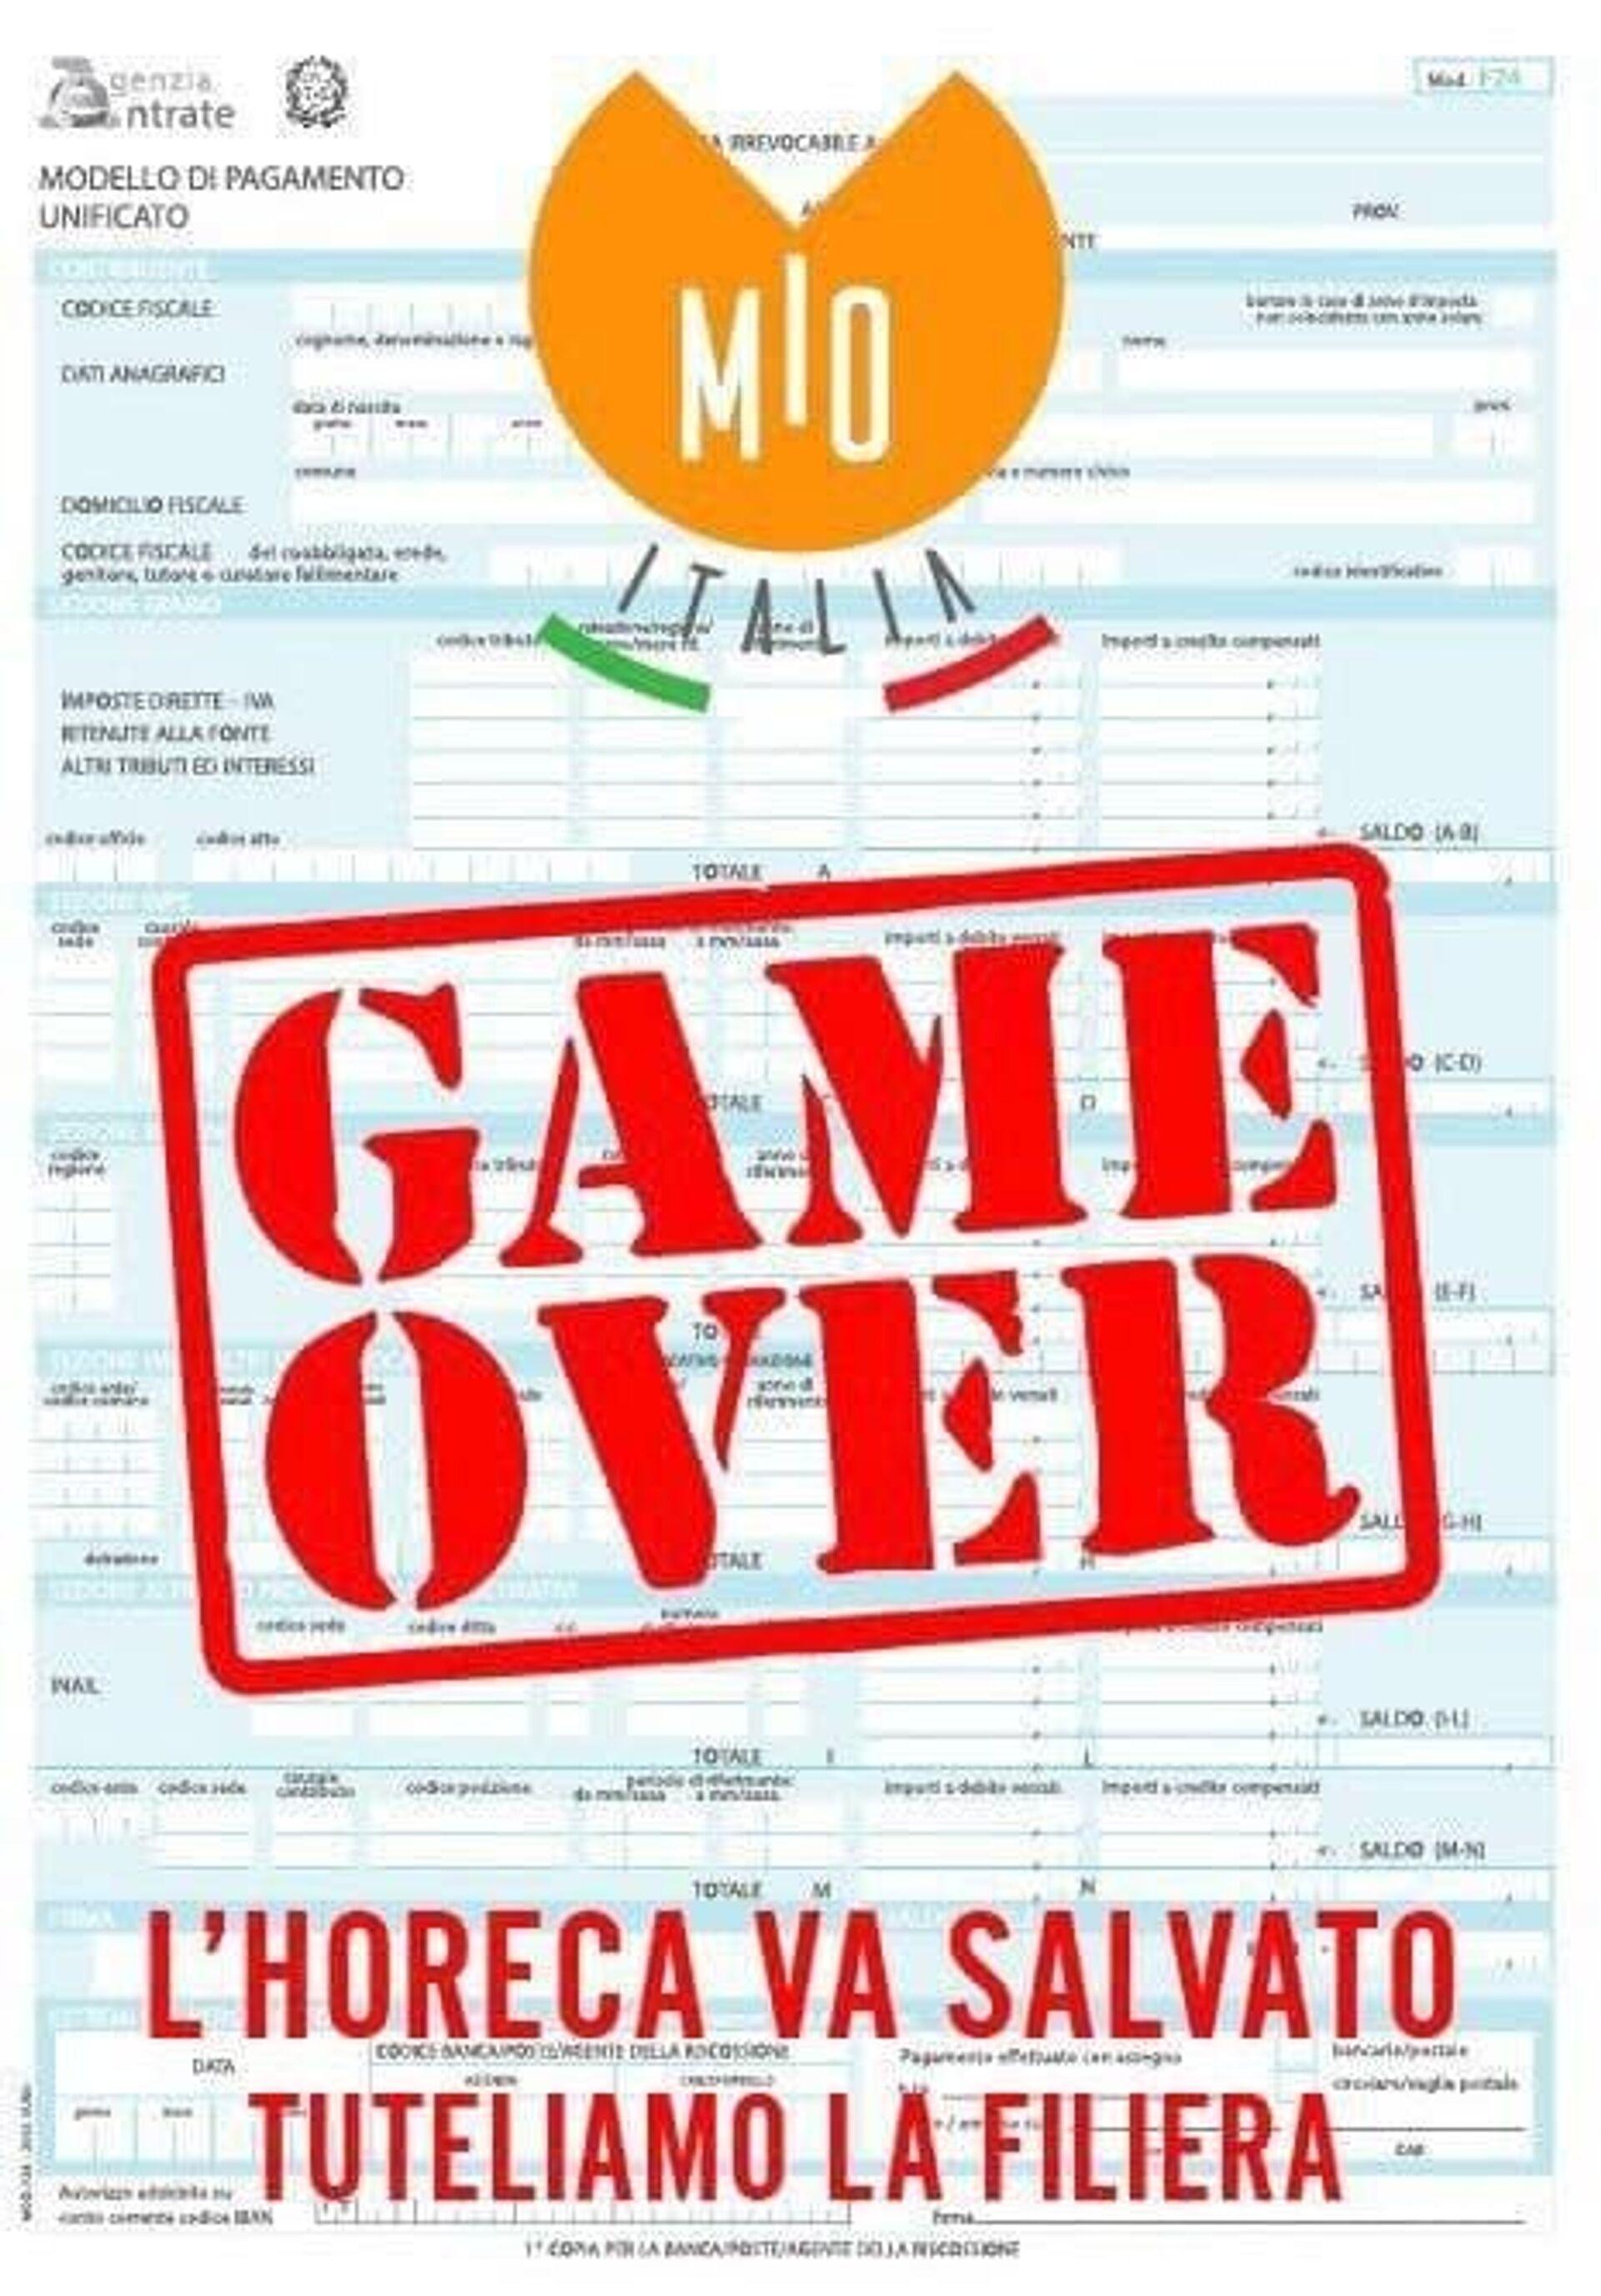 Aziende fornitrici di bar ristoranti e pizzerie aderenti a MIO Italia annunciano sciopero fiscale - Sputnik Italia, 1920, 01.02.2021